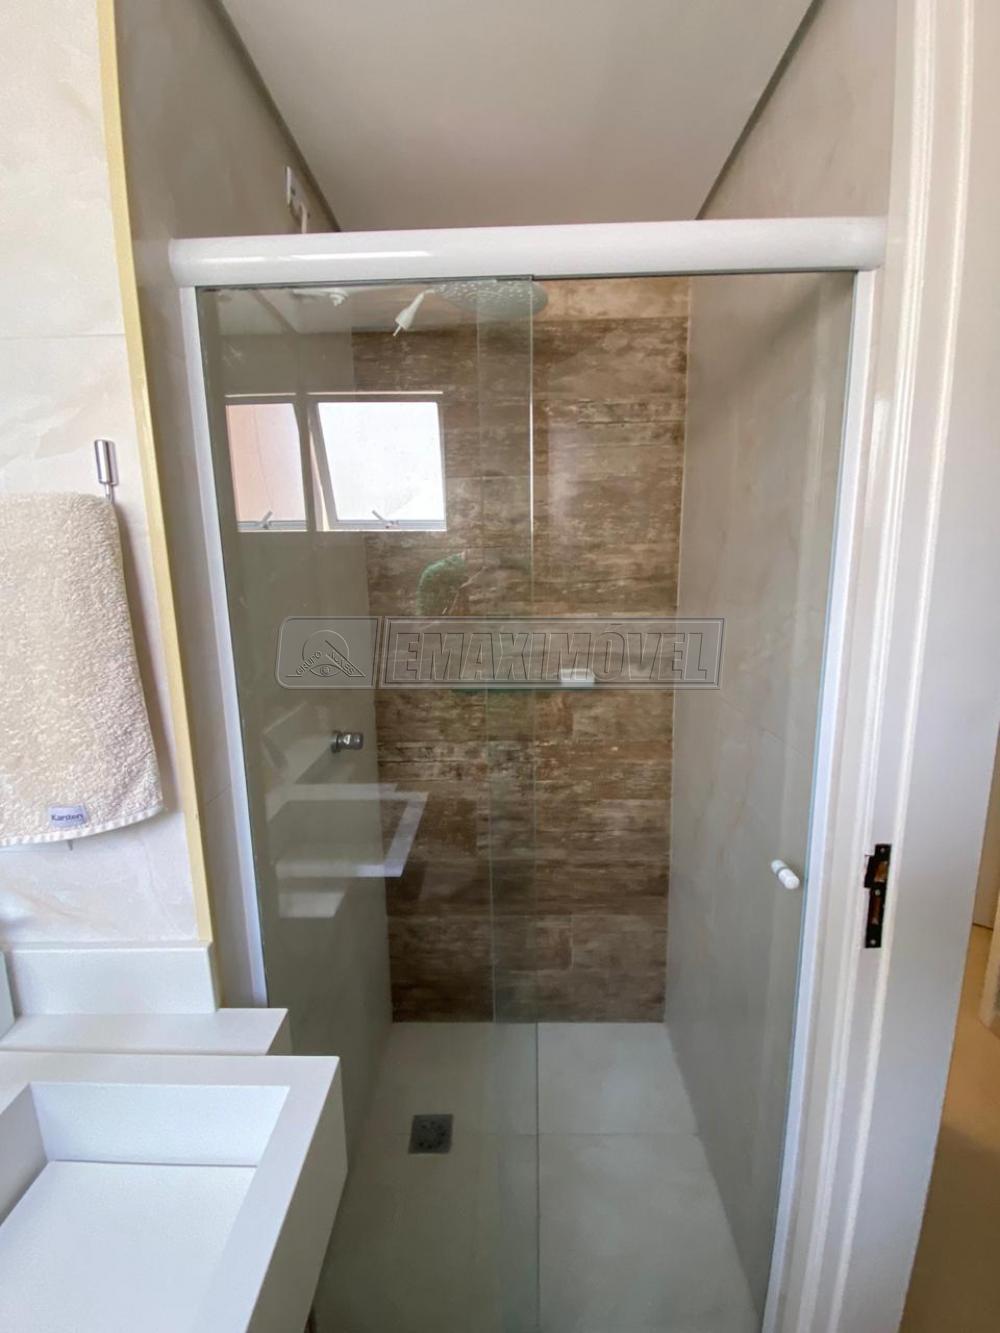 Comprar Apartamentos / Apto Padrão em Sorocaba apenas R$ 290.000,00 - Foto 10